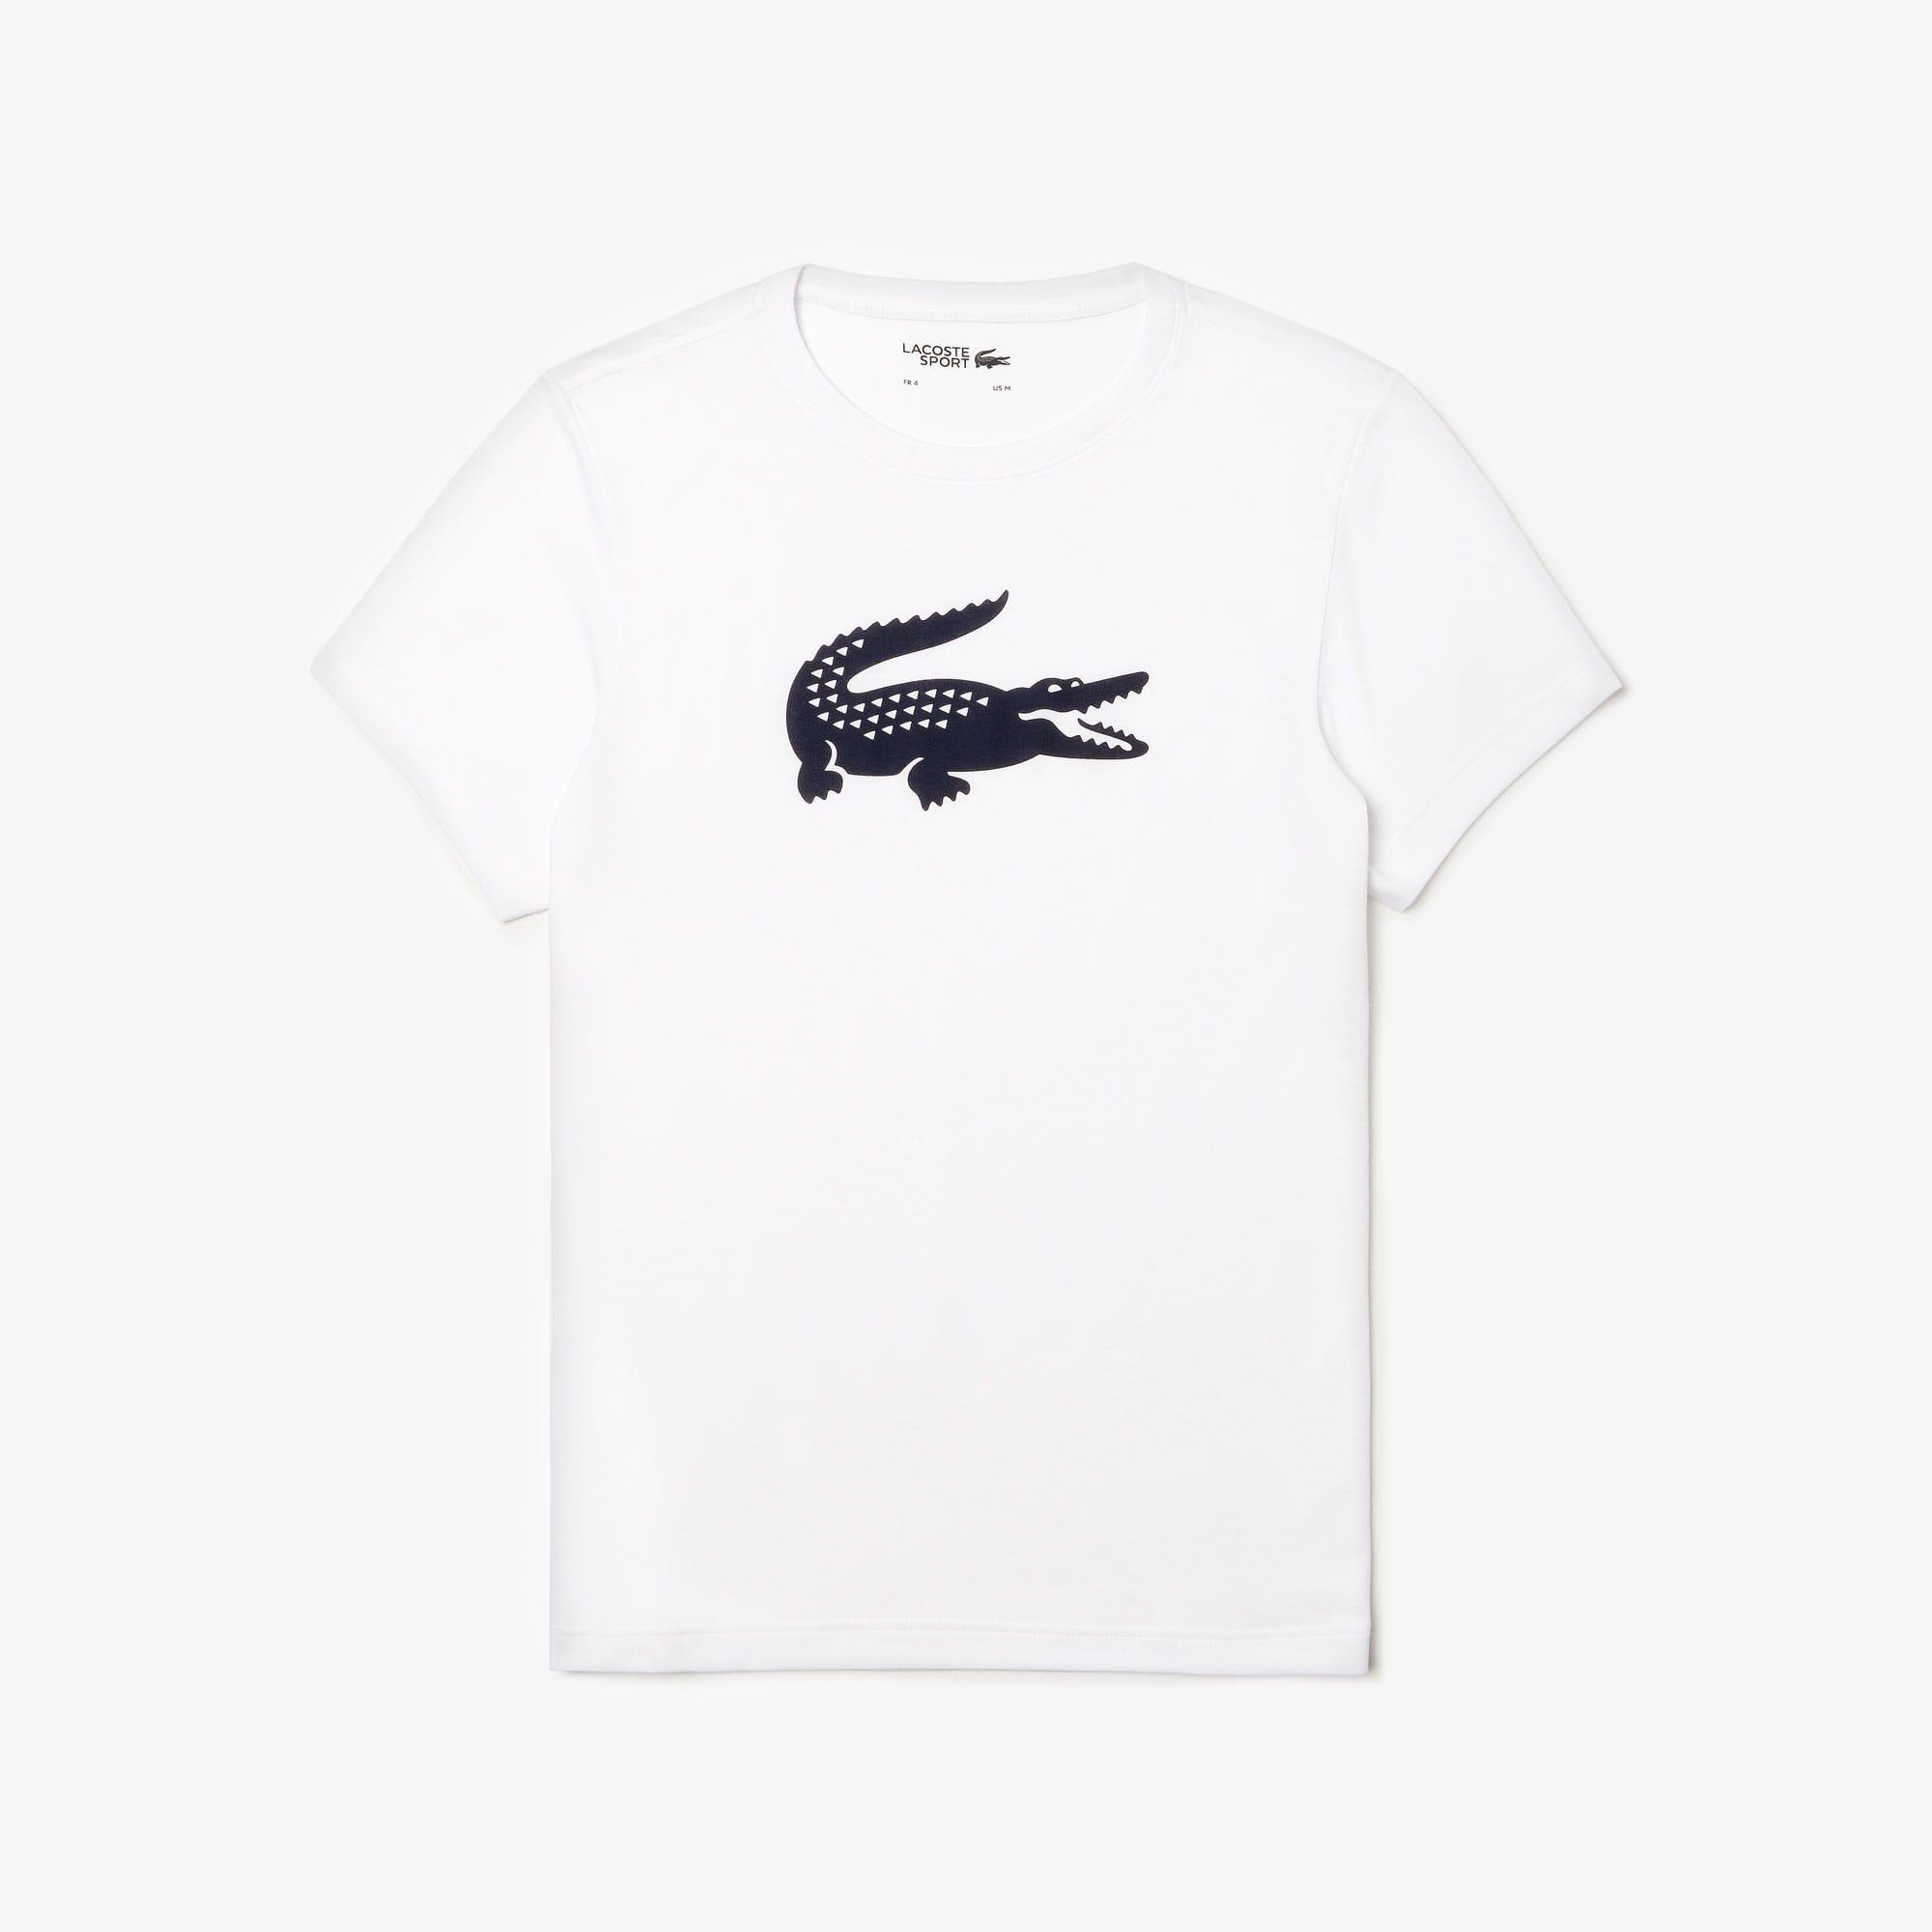 Camiseta Tenis Lacoste SPORT de punto técnico con cocodrilo de gran tamaño